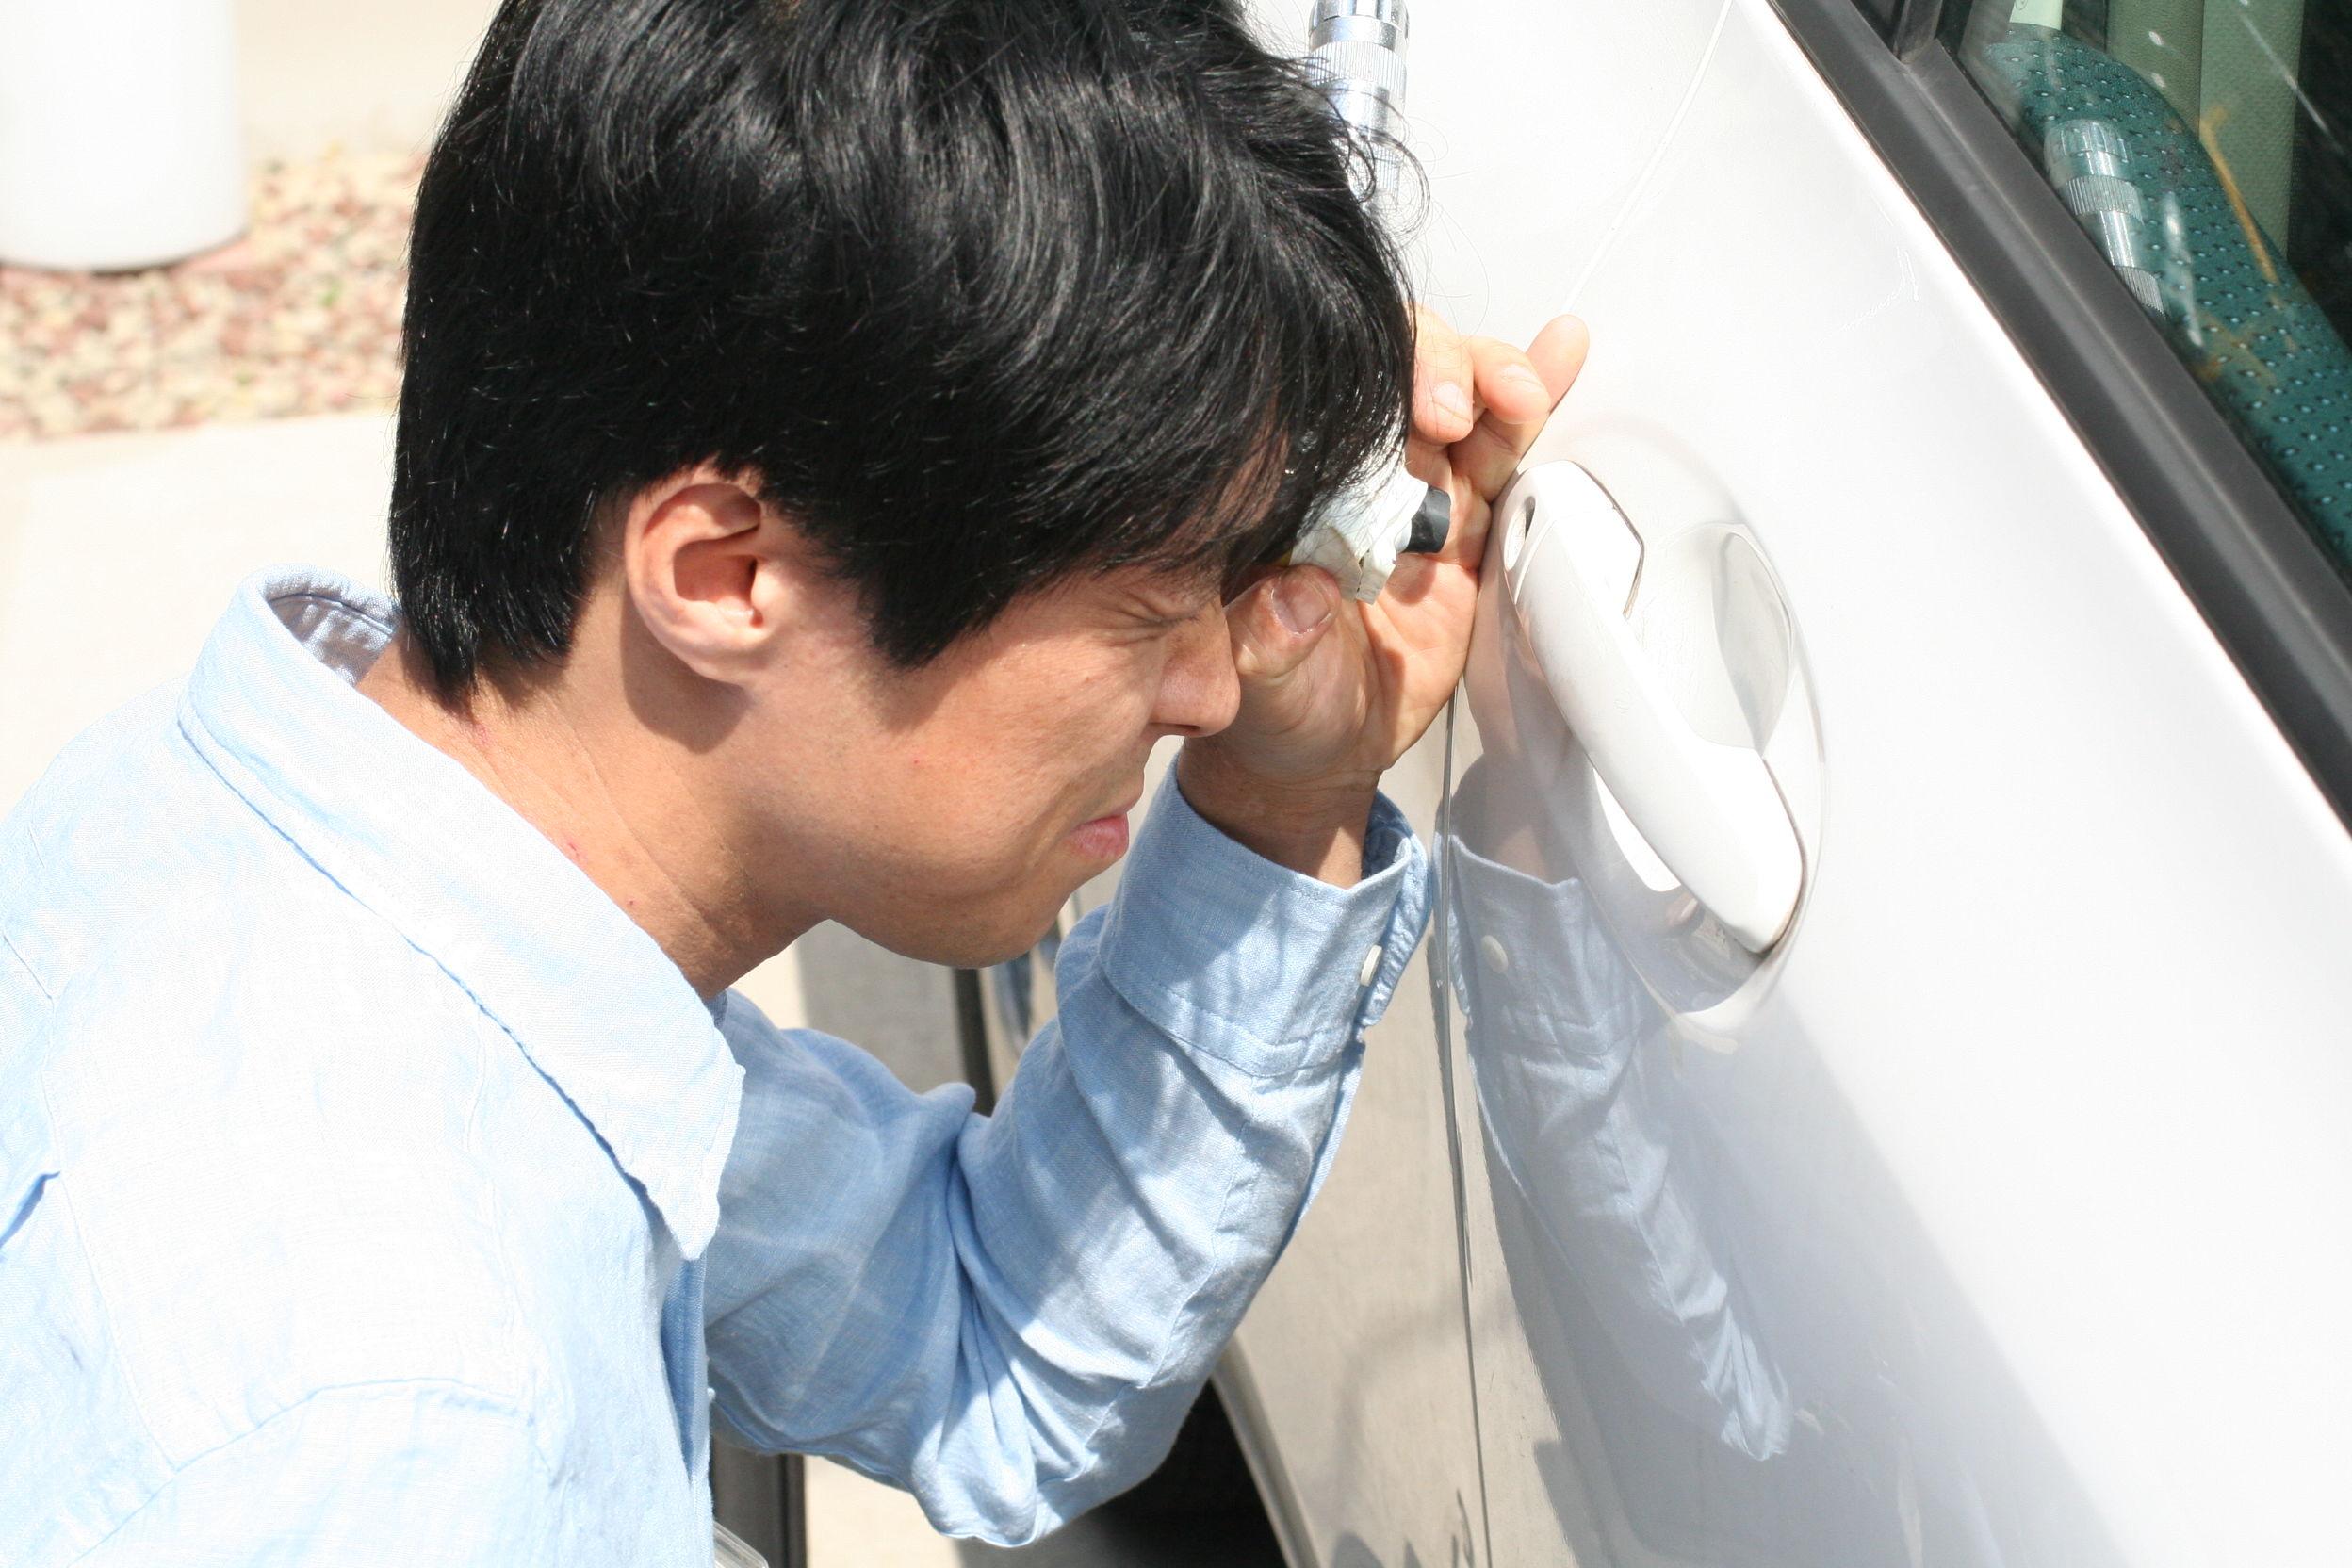 カギのトラブル救Q隊.24【札幌市南区 出張エリア】のメイン画像